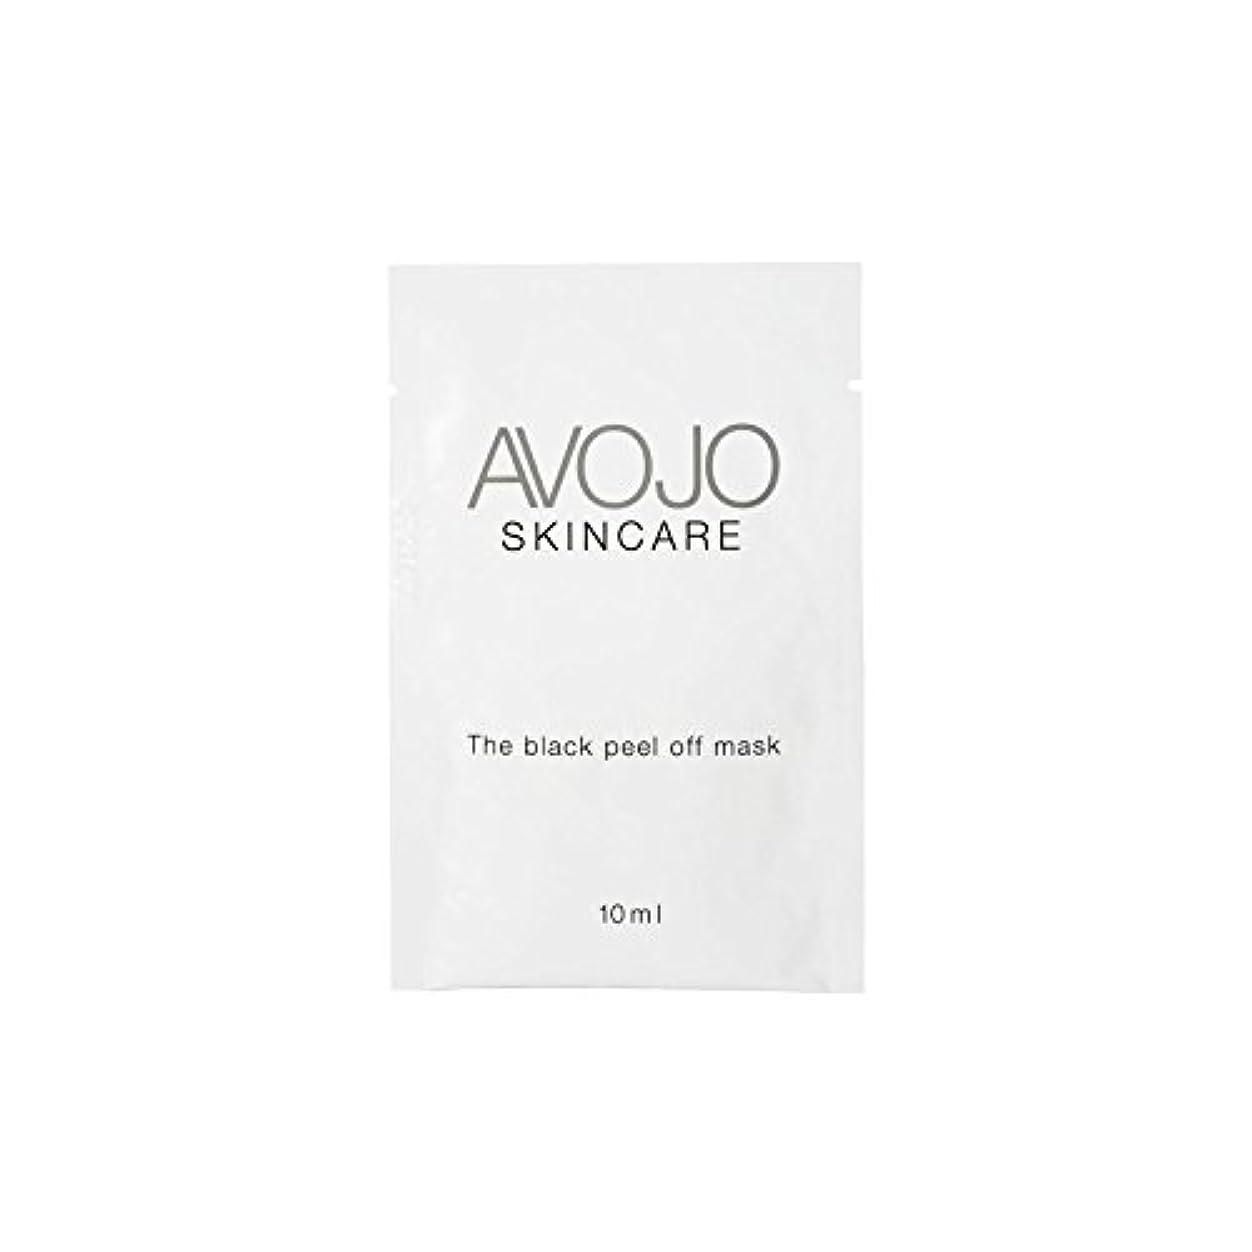 差別浴室紛争Avojo - The Black Peel Off Mask - Sachet (10ml X 4) - - ブラックピールオフマスク - 小袋(10ミリリットル×4) [並行輸入品]